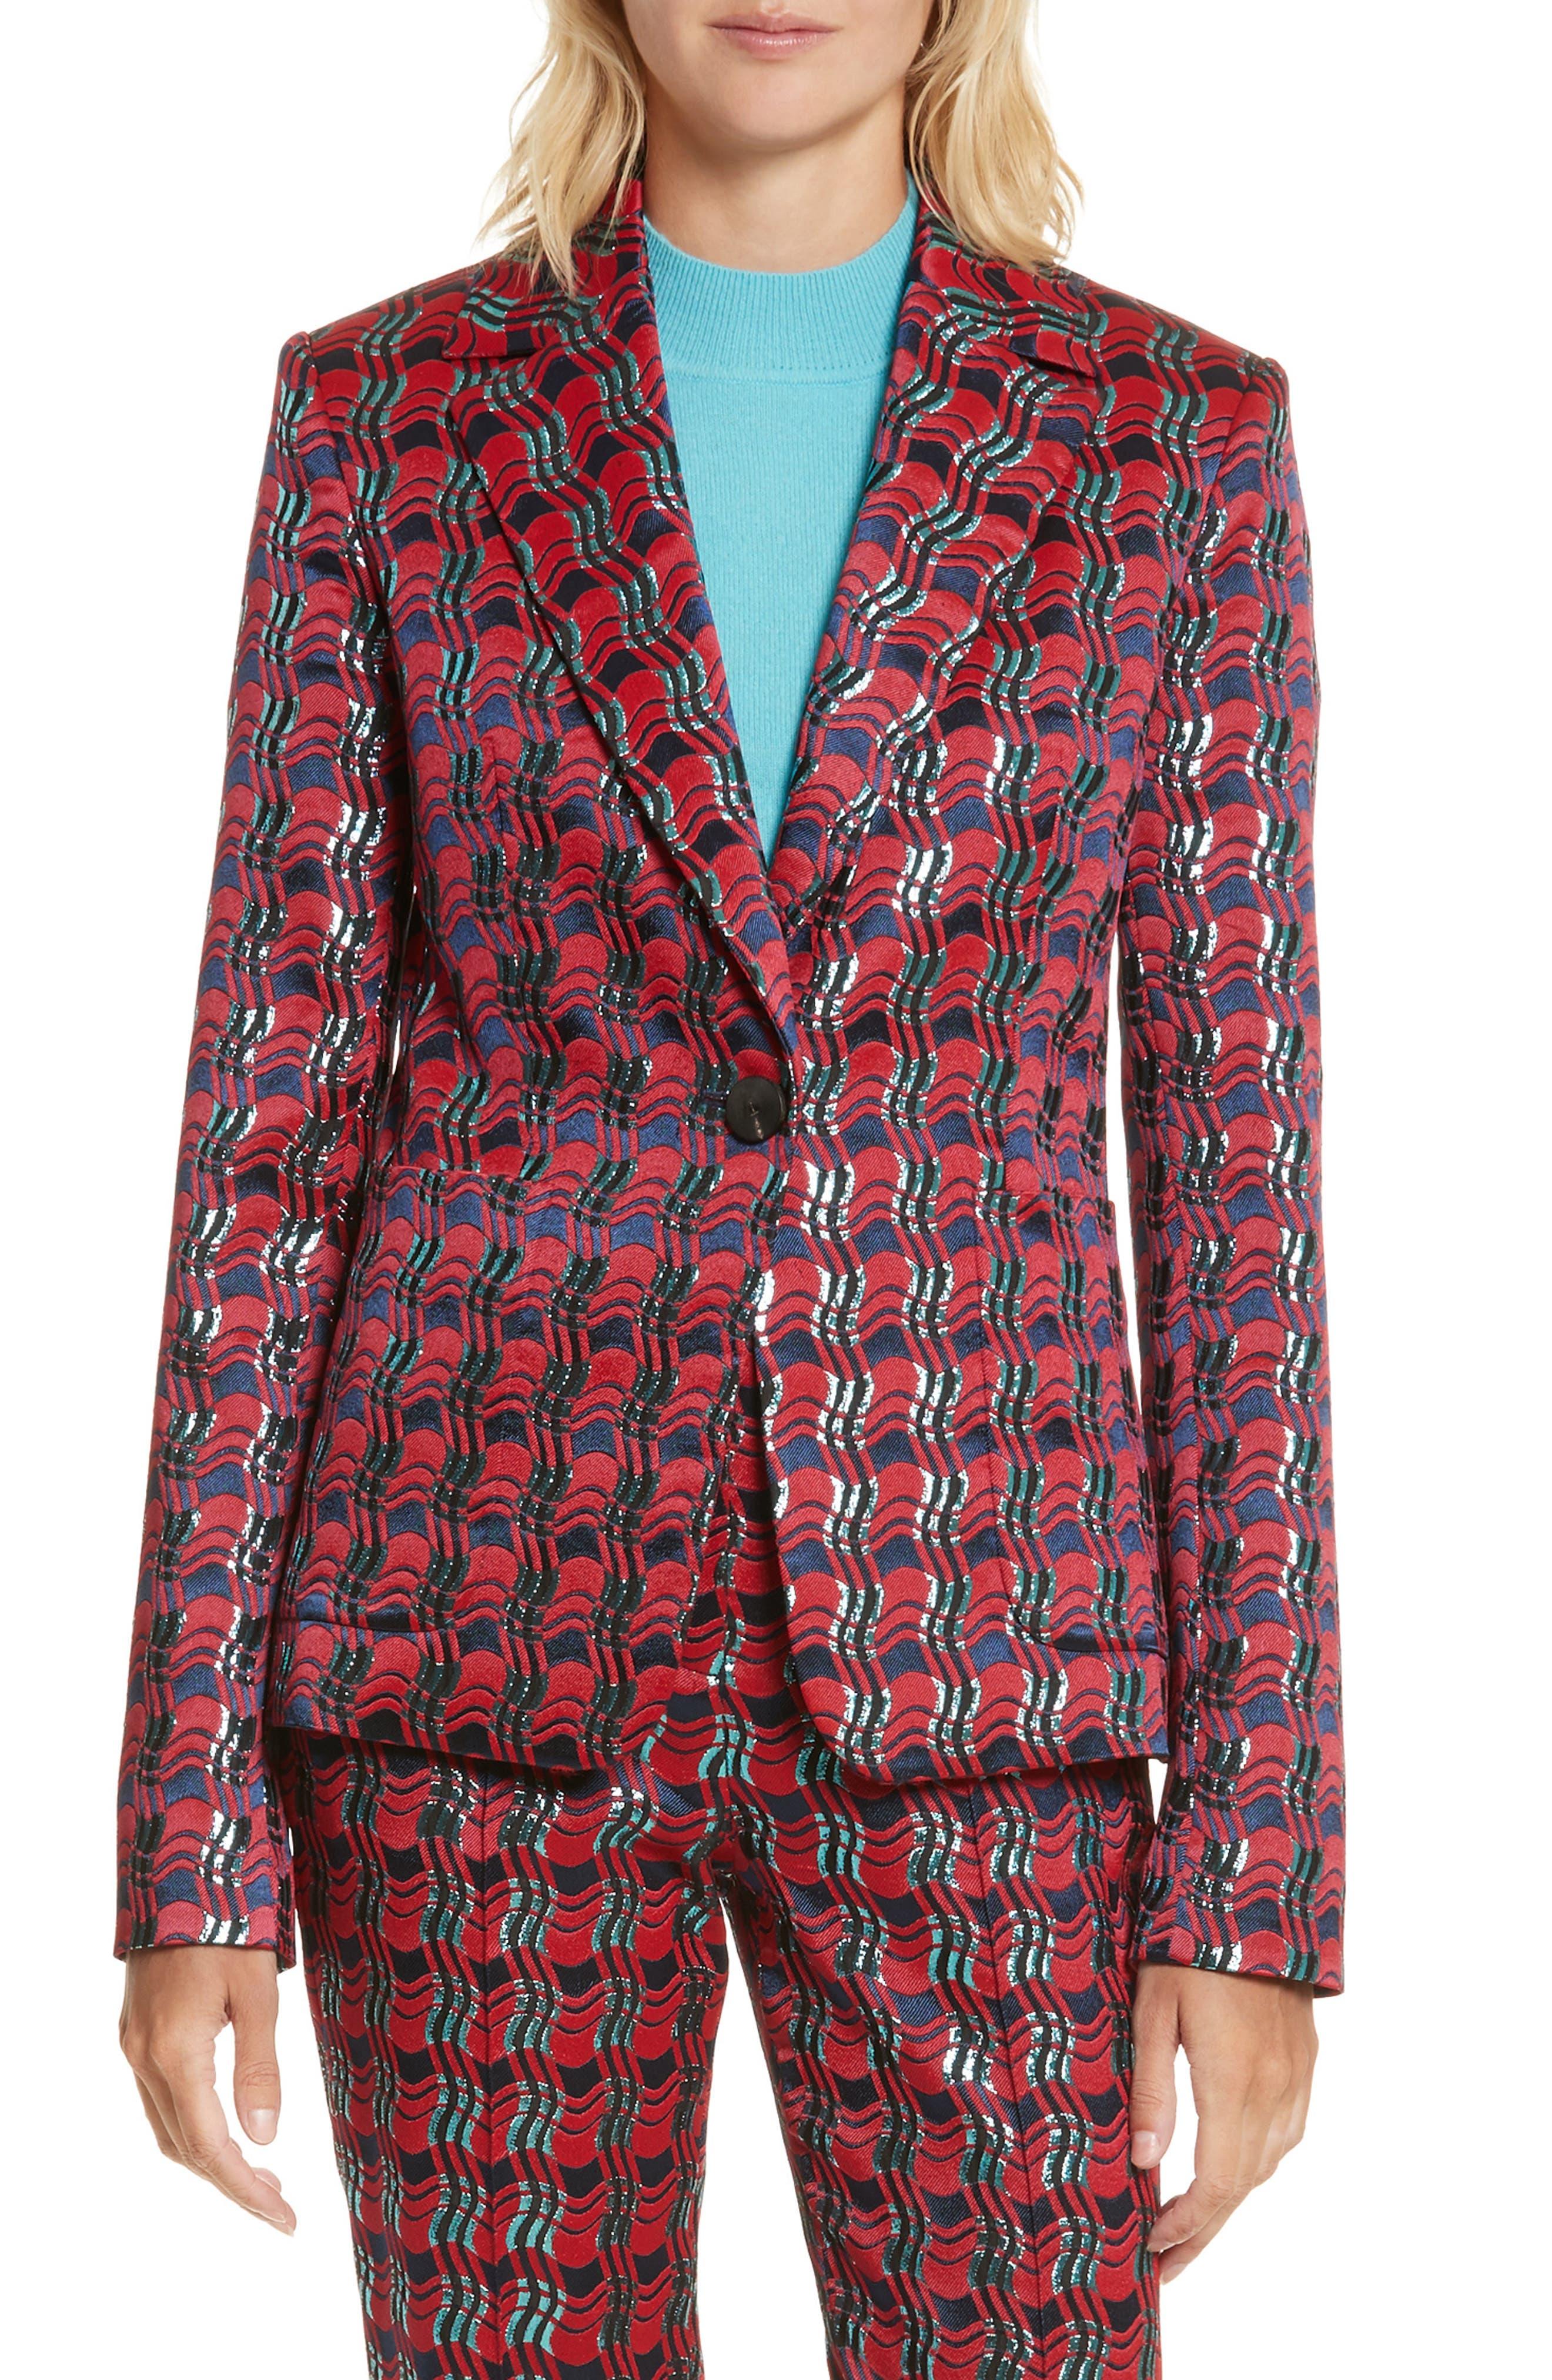 Main Image - Diane von Furstenberg Tailored Jacquard Jacket